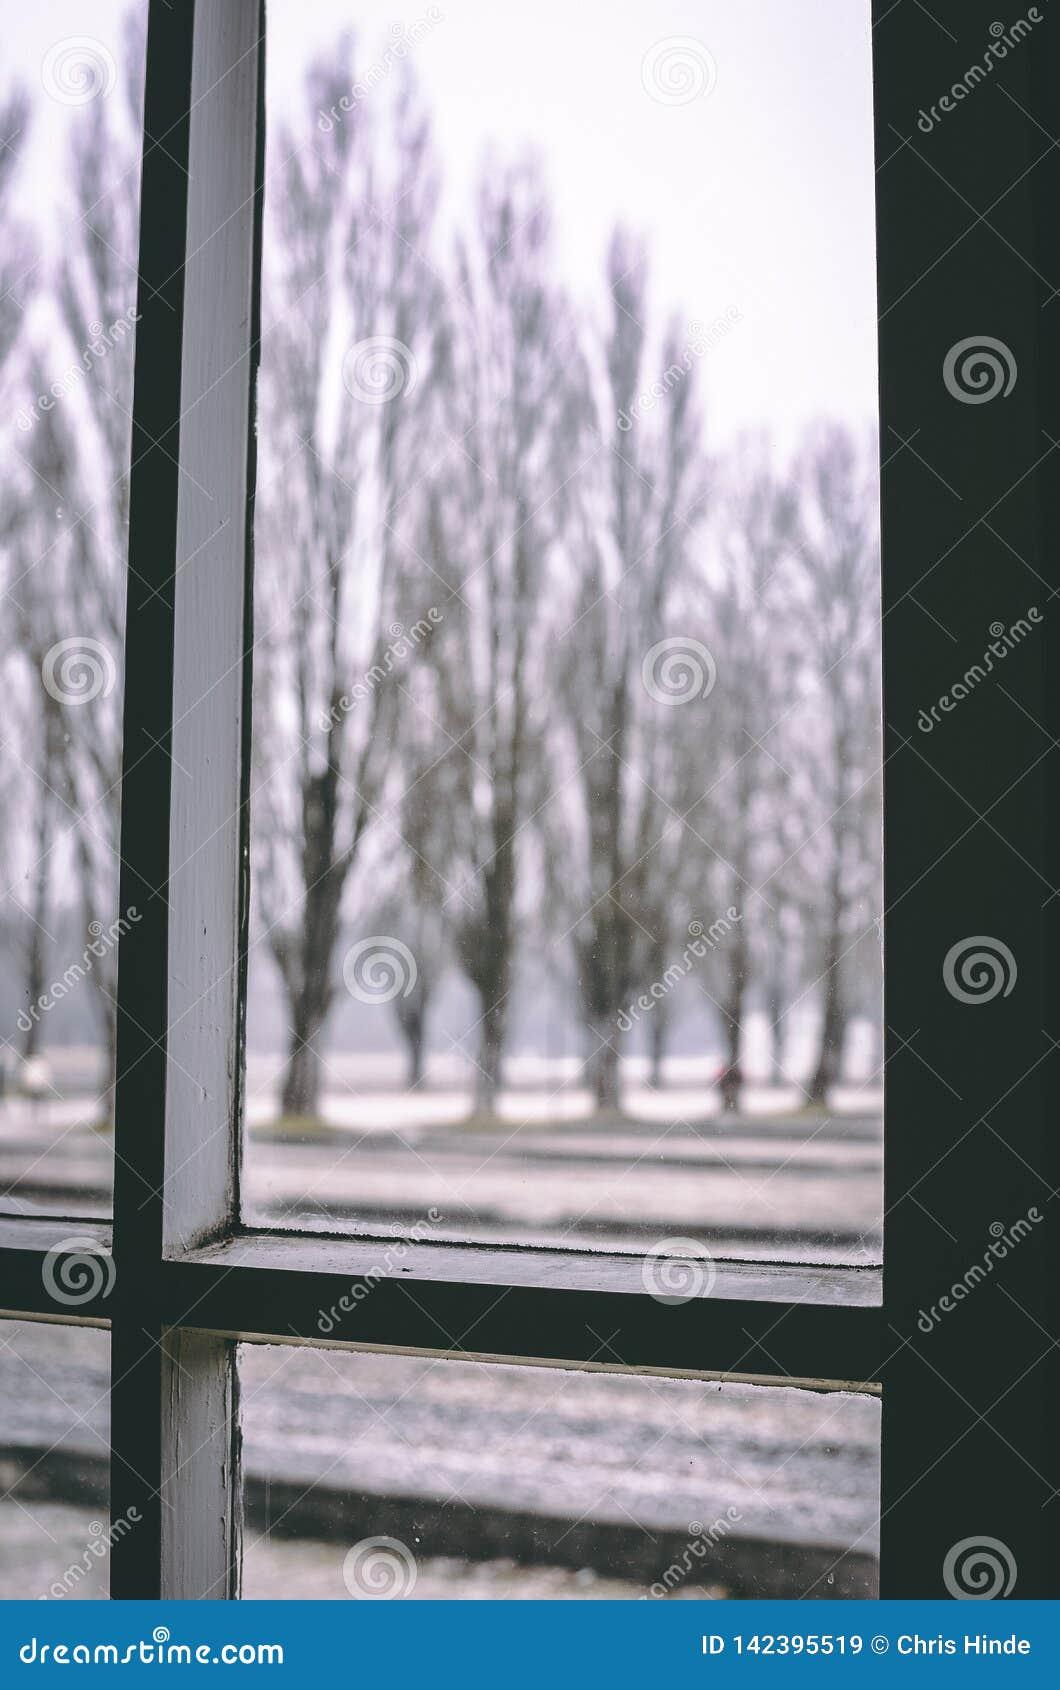 Regard de la fenêtre